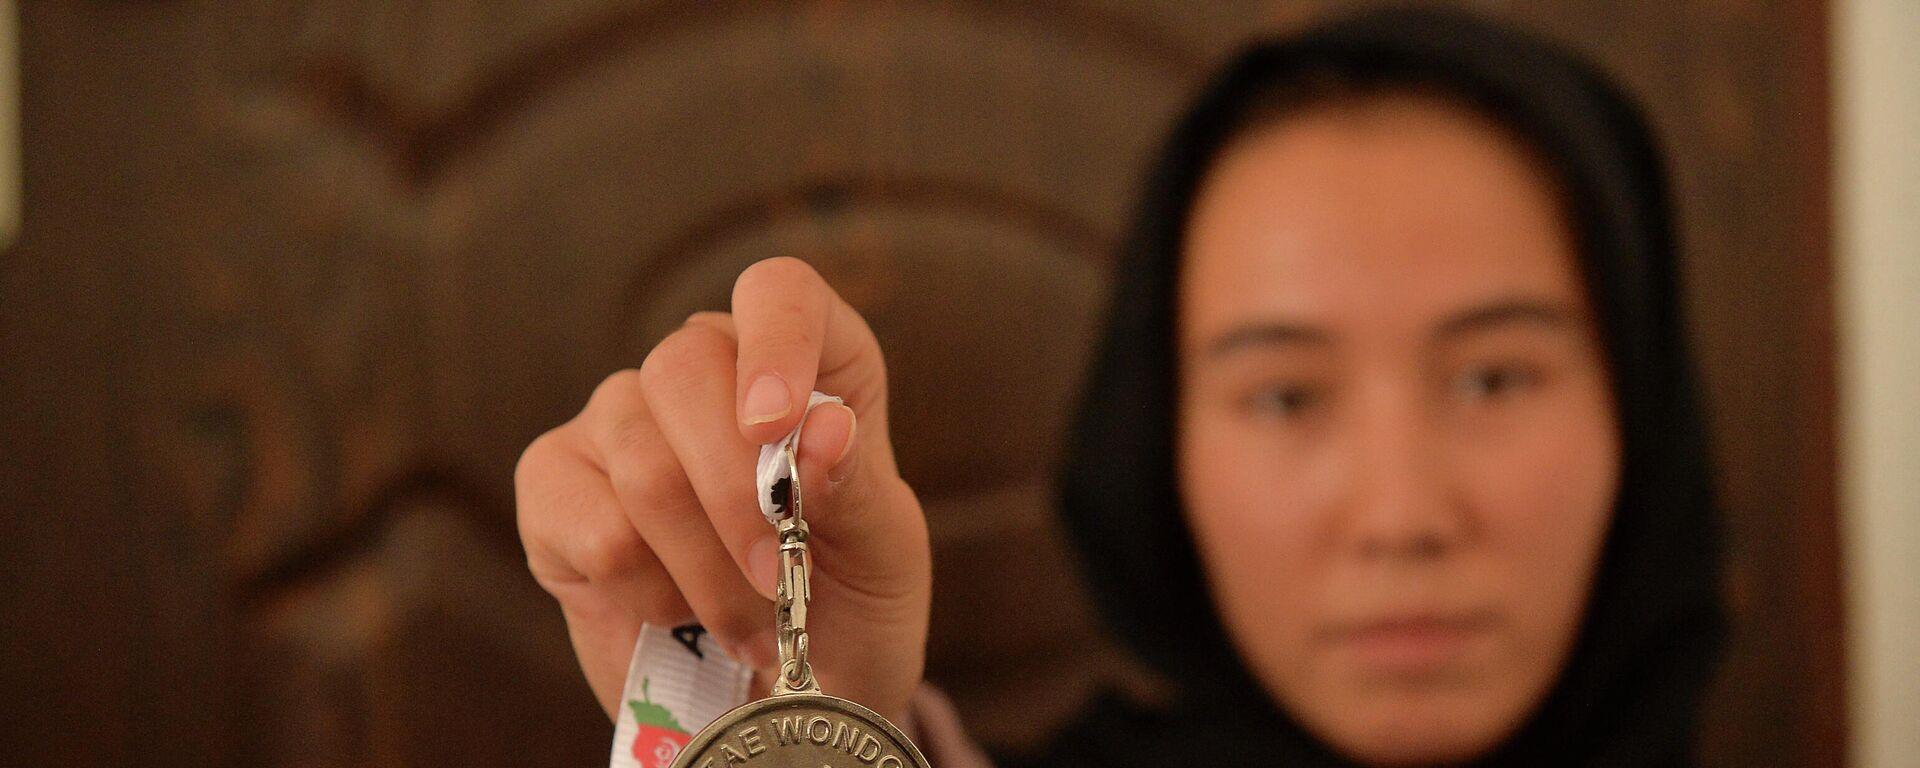 Η αθλήτρια τάεκβοντο του Αφγανιστάν, Ζαργκούνα Νούρι  - Sputnik Ελλάδα, 1920, 23.09.2021